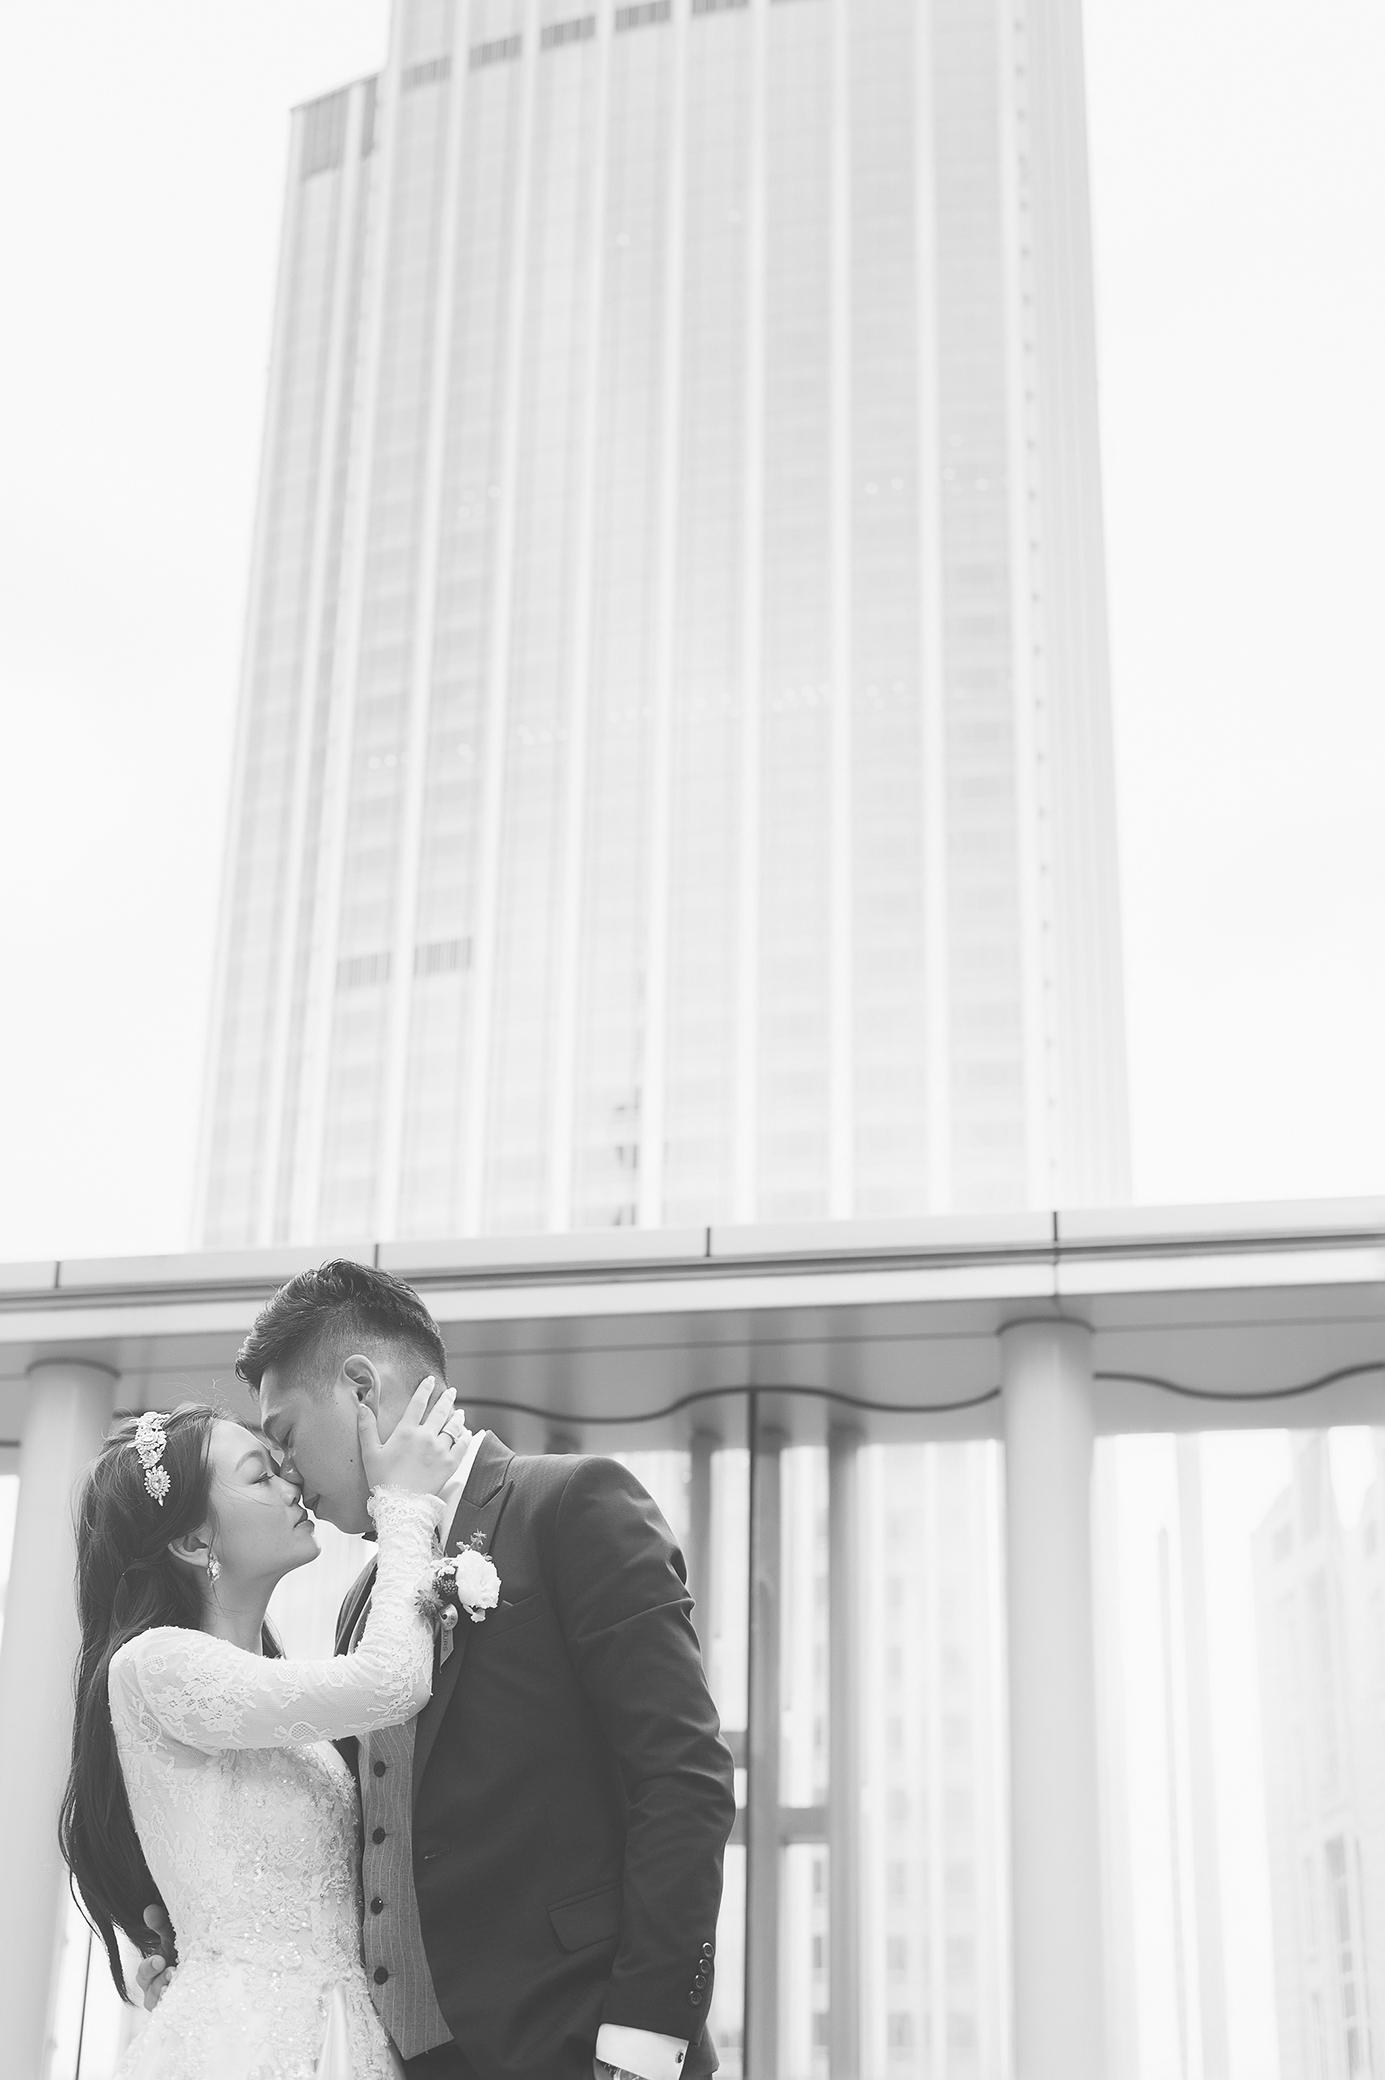 nickchang-wedding-%e5%af%92%e8%88%8d%e8%89%be%e9%ba%97-fineart-38